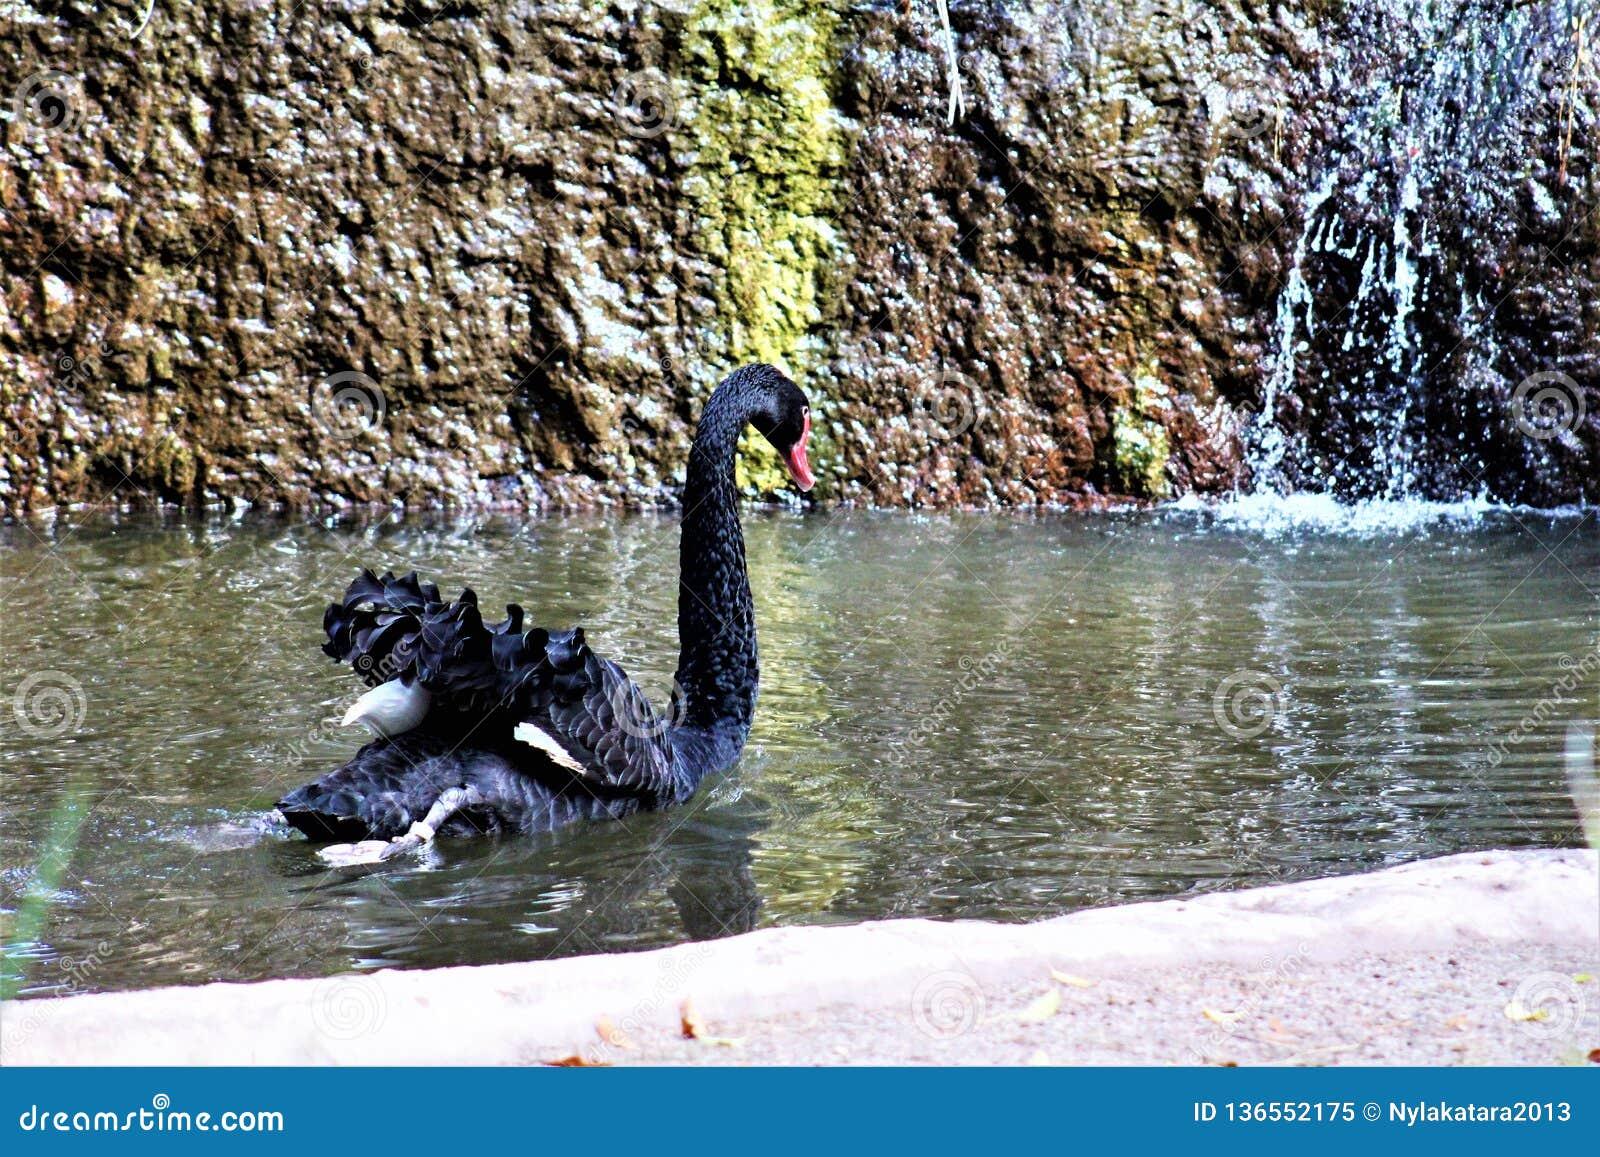 Cigno nero allo zoo di Phoenix a Phoenix, Arizona negli Stati Uniti